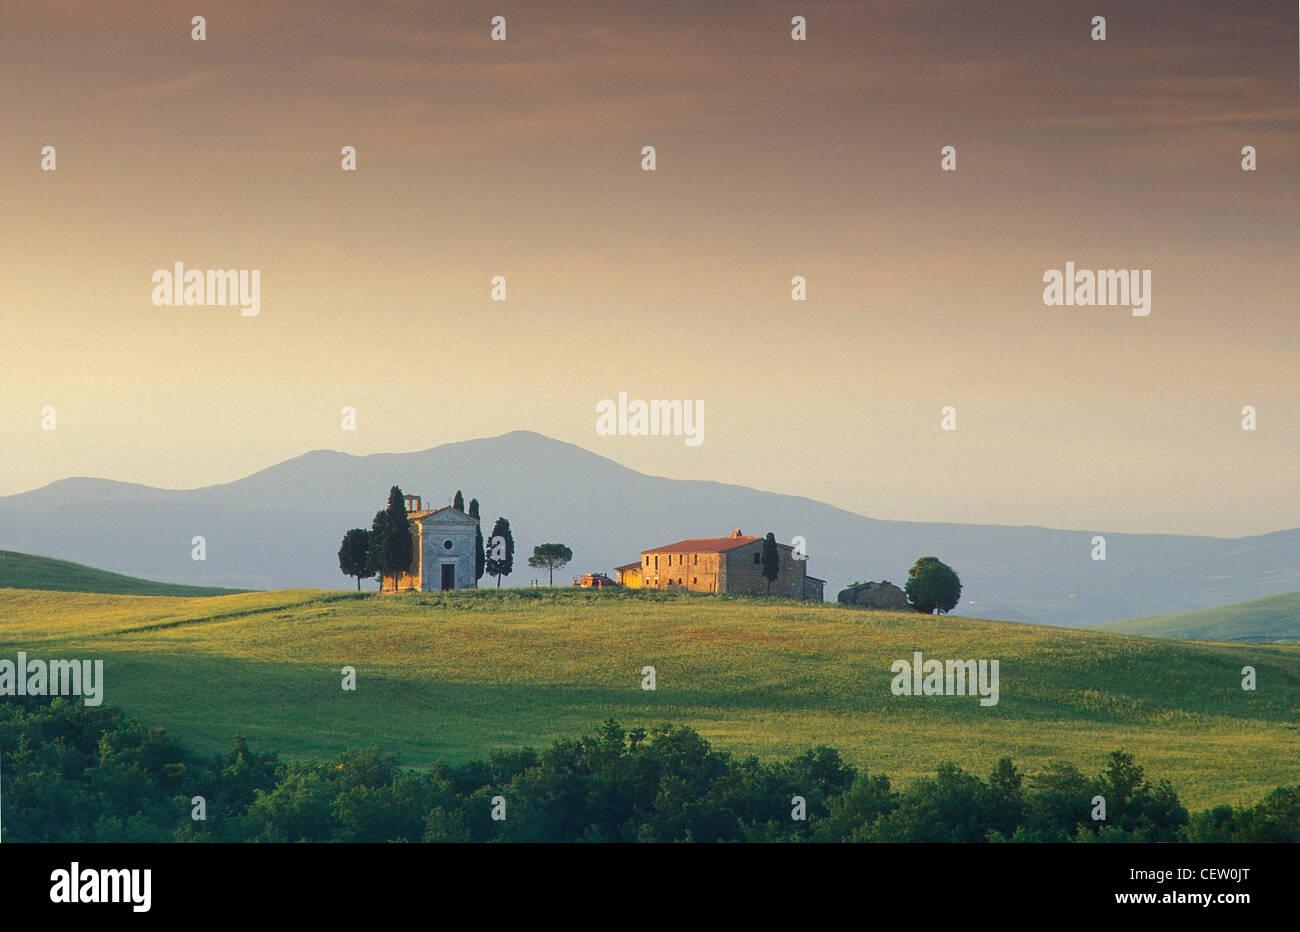 La cappella e la casa sulla collina, nr Pienza, Toscana, Italia Immagini Stock